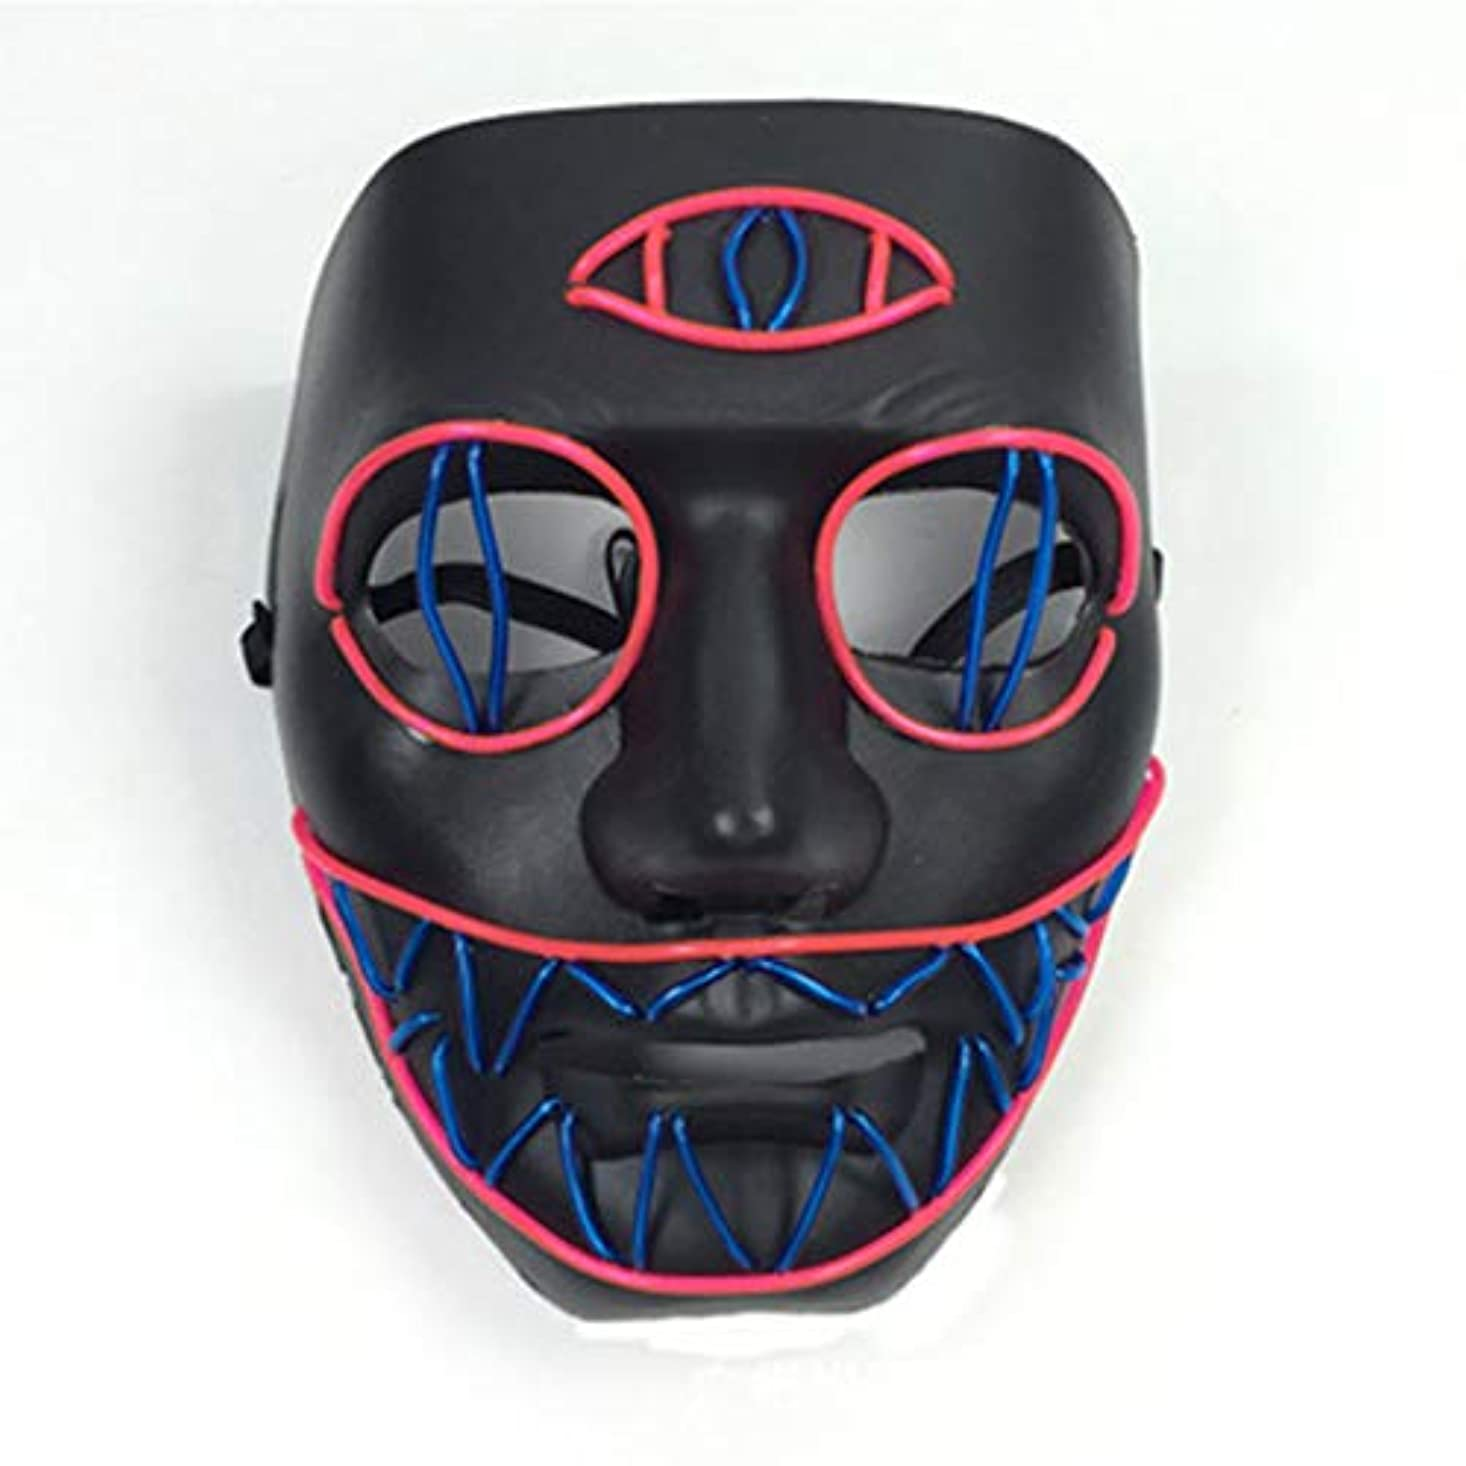 はげ不承認義務的LEDライト怖いマスク、ノベルティハロウィーンコスチュームパーティー不気味な小道具、安全なELワイヤーPVC DJマスクLED